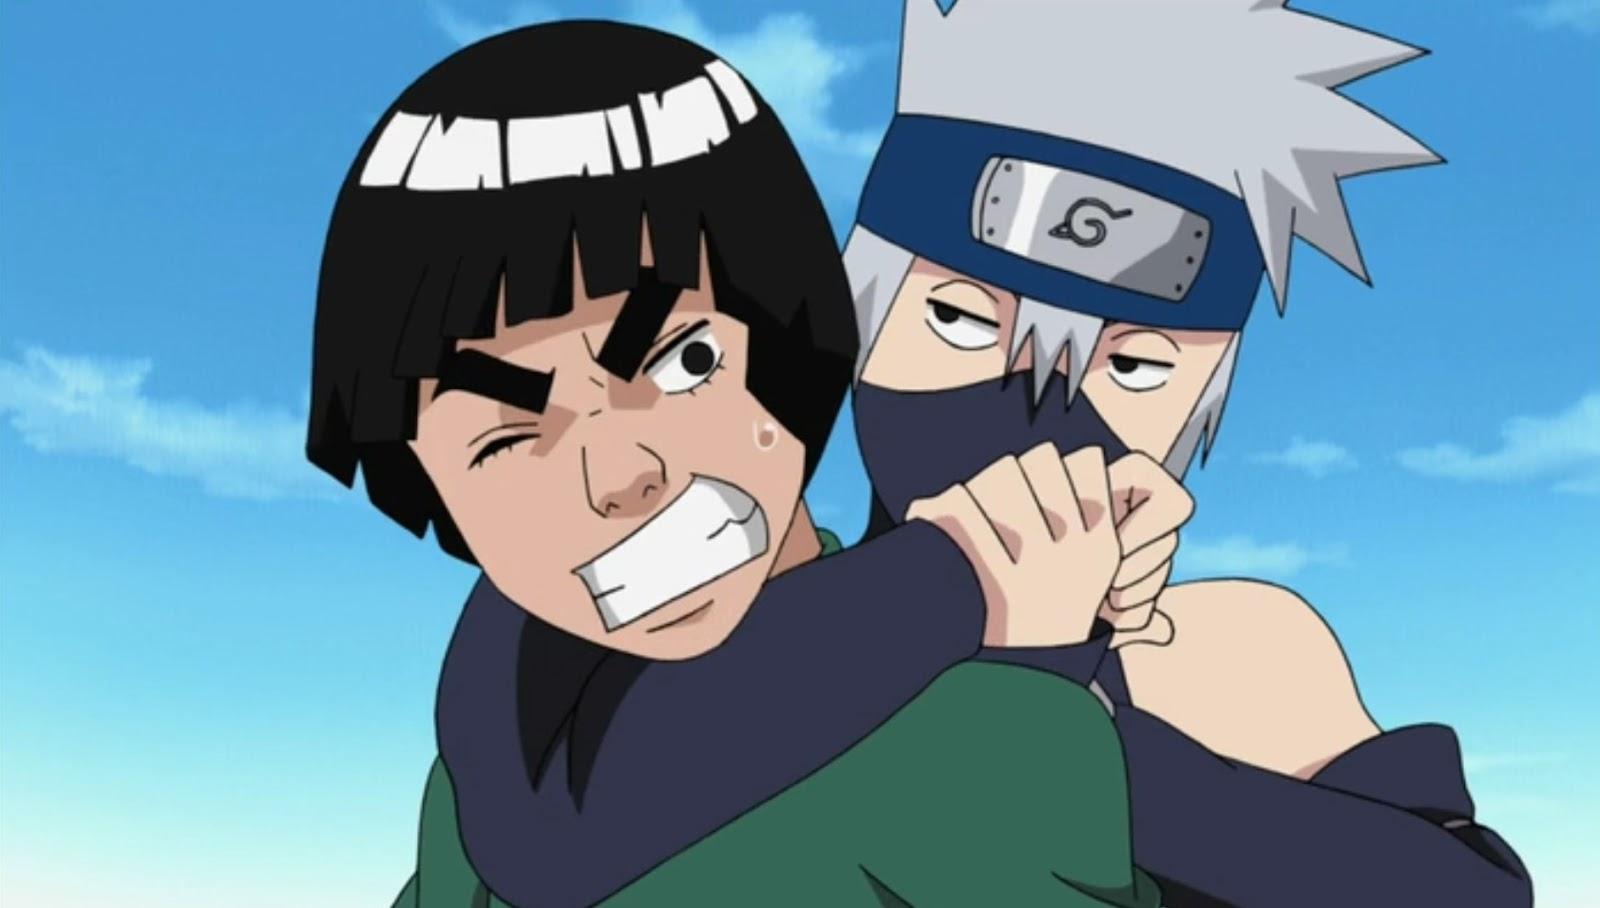 Naruto Shippuden Episódio 241, Assistir Naruto Shippuden Episódio 241, Assistir Naruto Shippuden Todos os Episódios Legendado, Naruto Shippuden episódio 241,HD